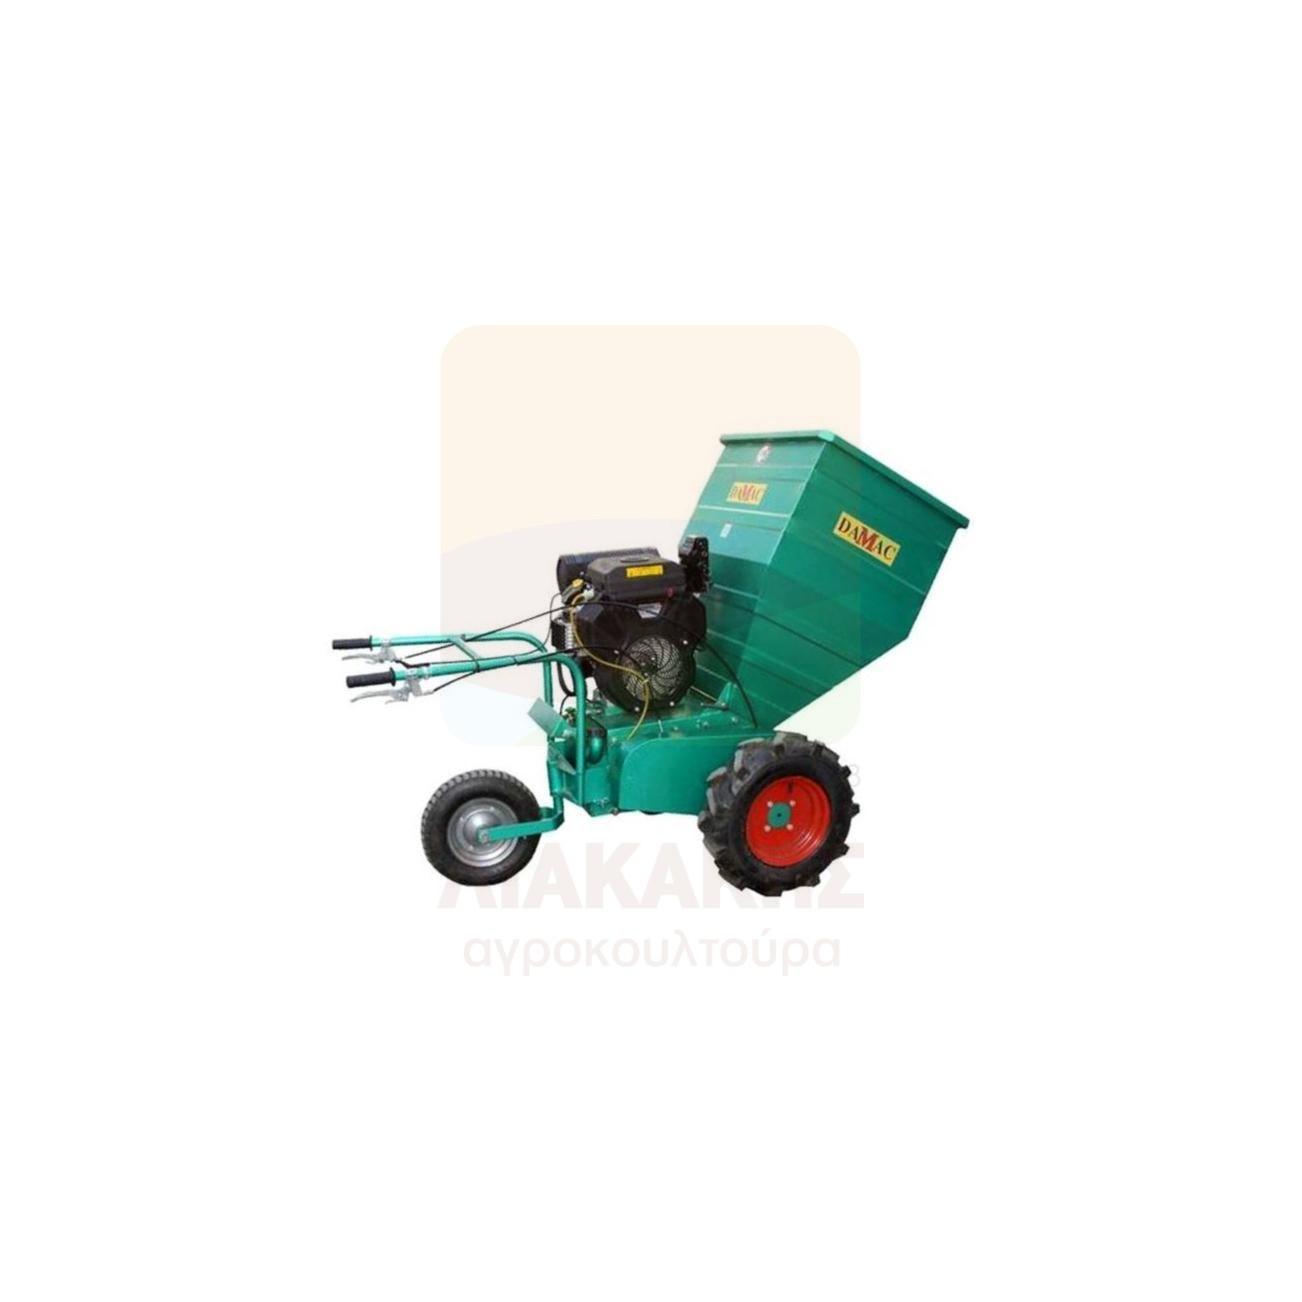 Βενζινοκίνητος Θρυμματιστής Κλαδιών - Αυτοκινούμενος 30.180 - 20Hp DAMAC (78434)